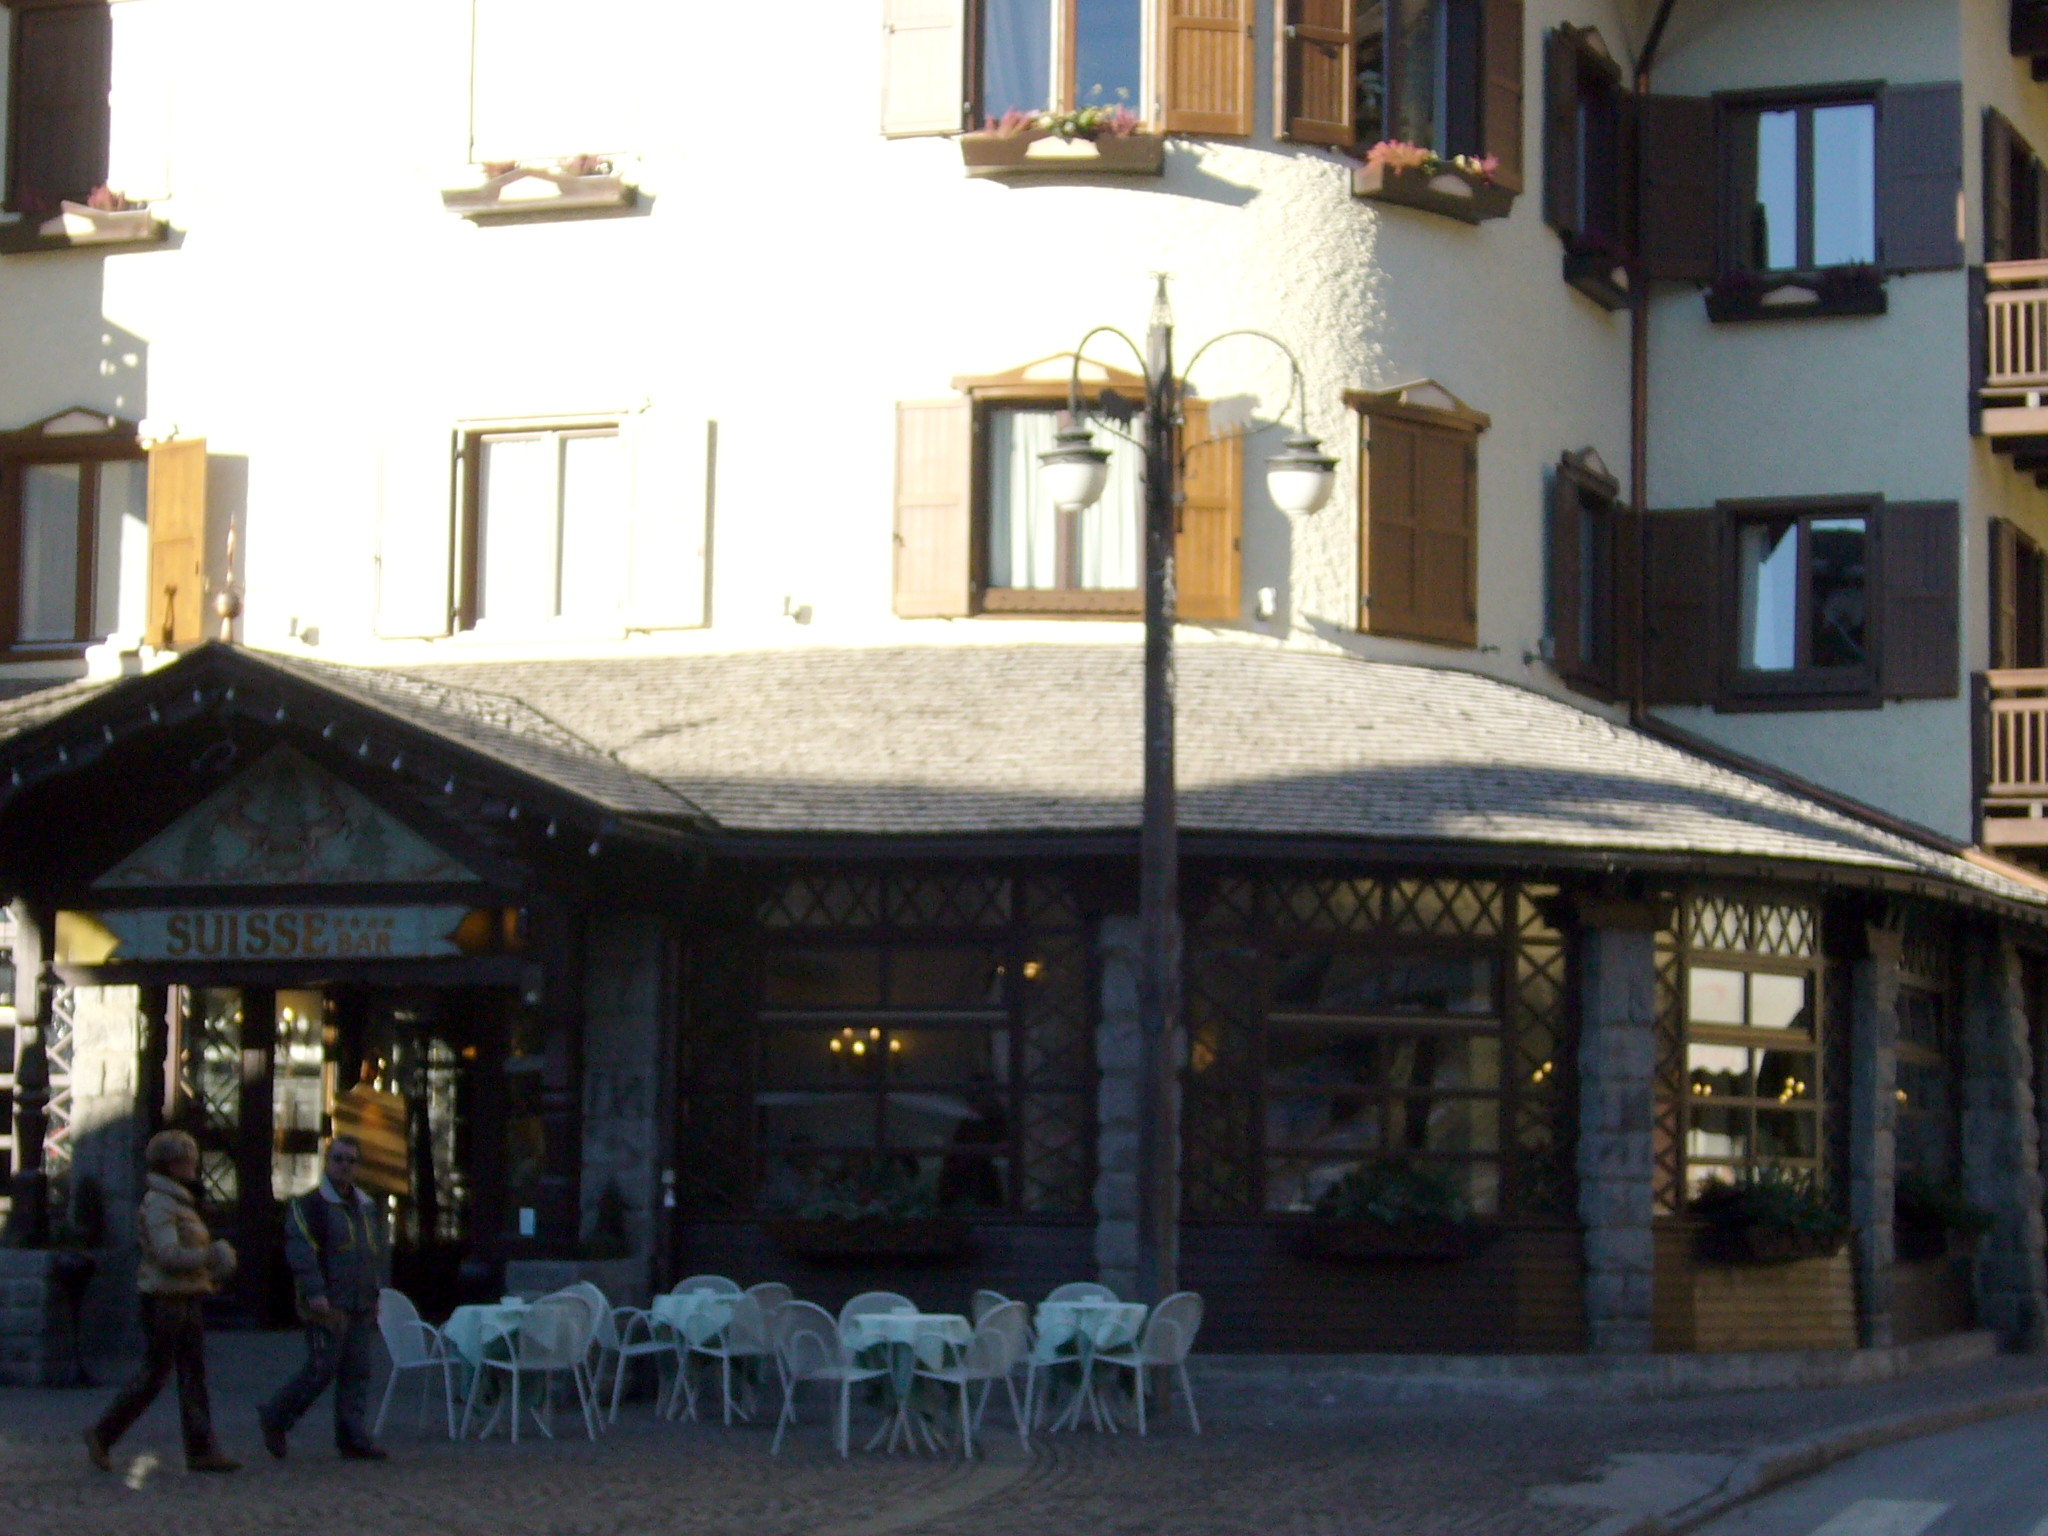 Bar Suisse - nezaobilazni kutak za ispijanje toplog napitka